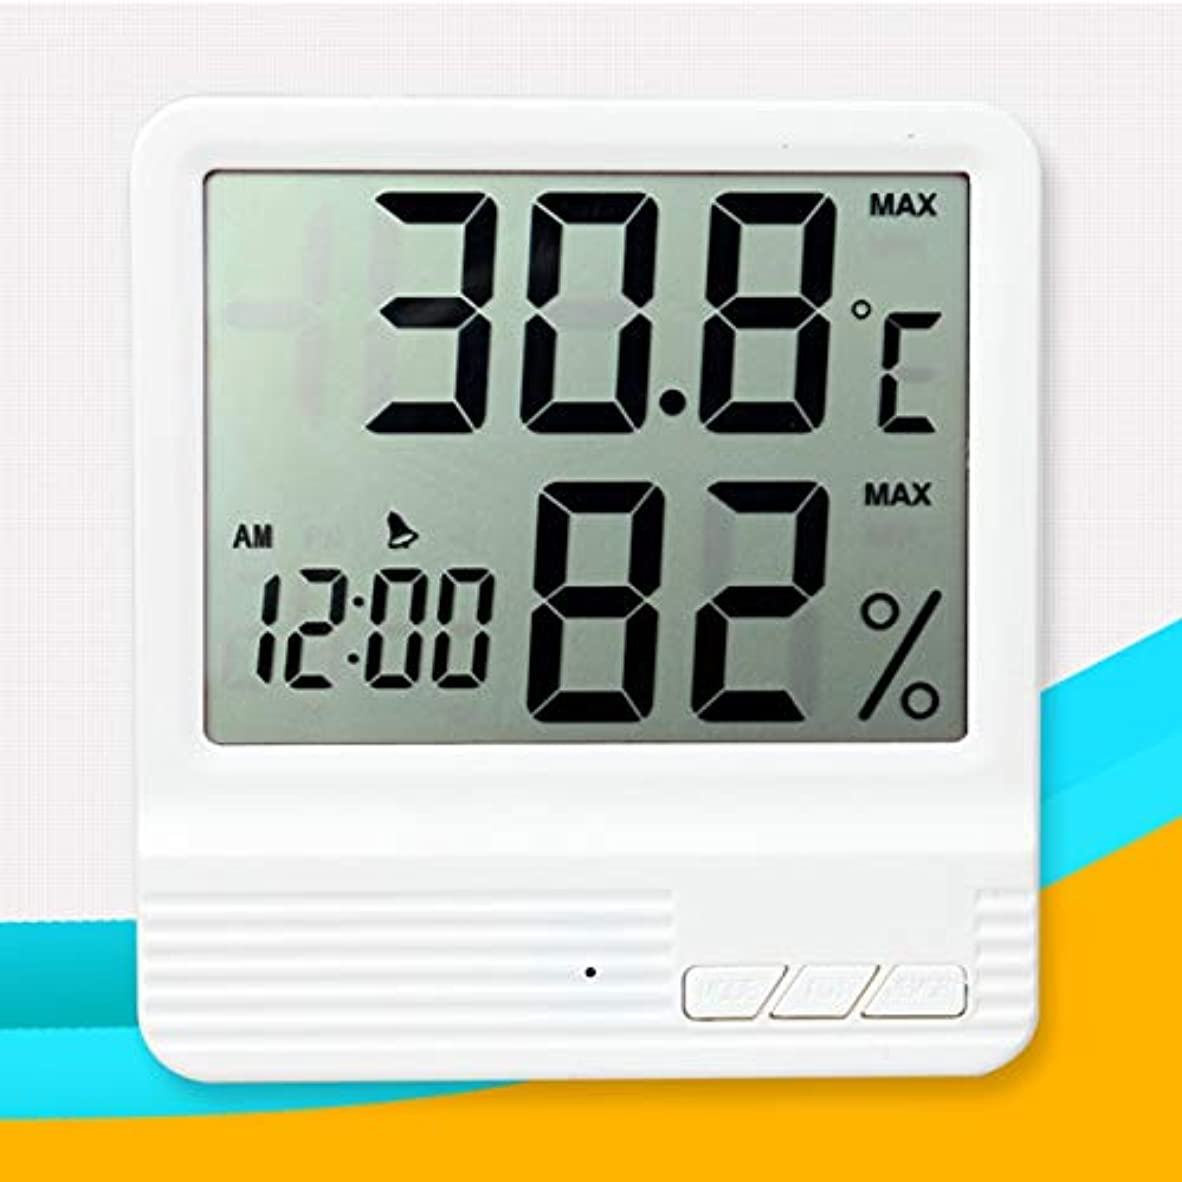 陪審評論家非公式Saikogoods 電子体温計湿度計 デジタルディスプレイ 温度湿度モニター アラーム時計 屋内家庭用 白